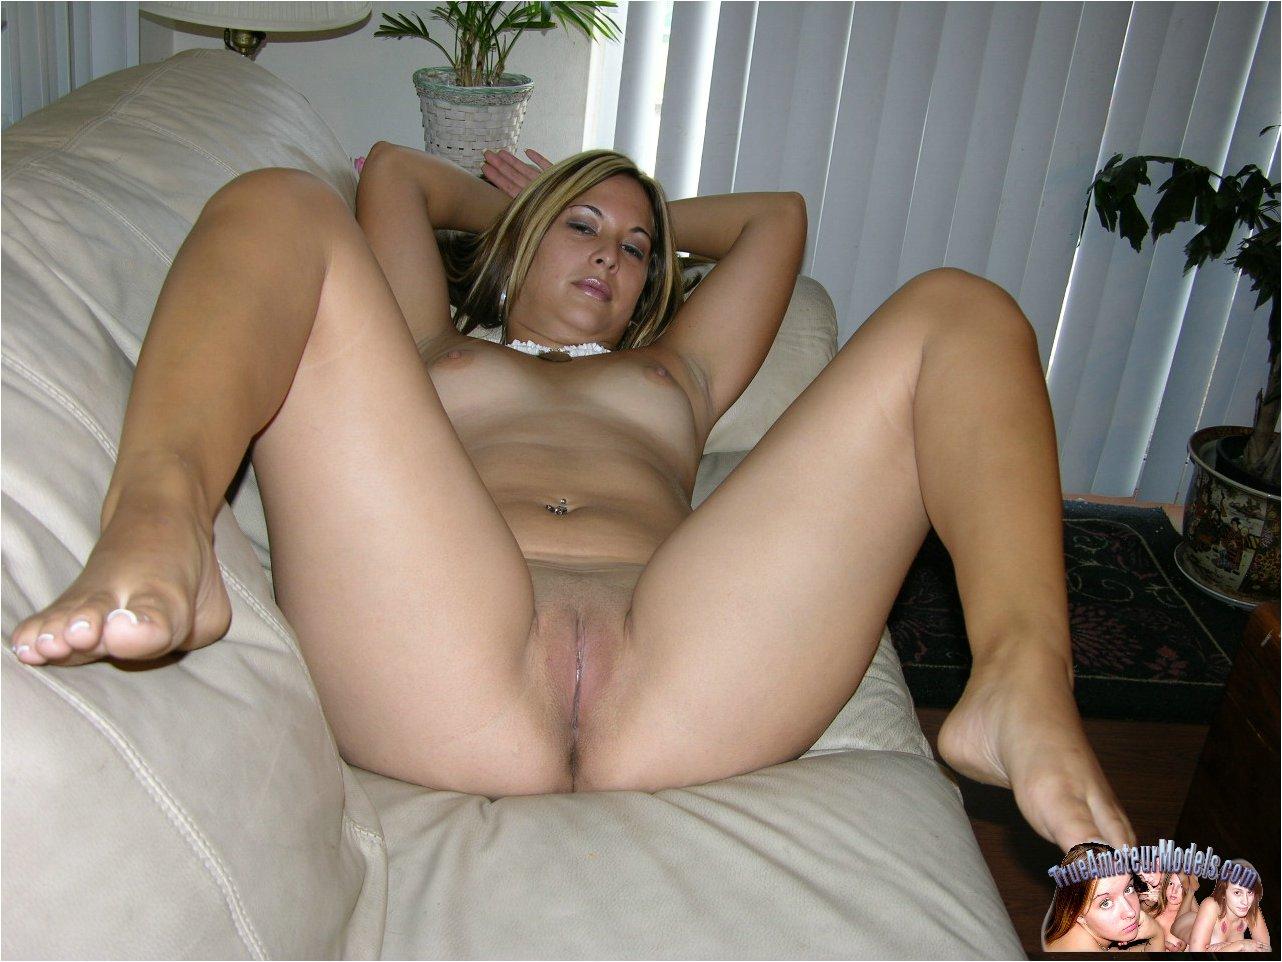 Секс со зрелой дамой все самые красивые фото 6 фотография